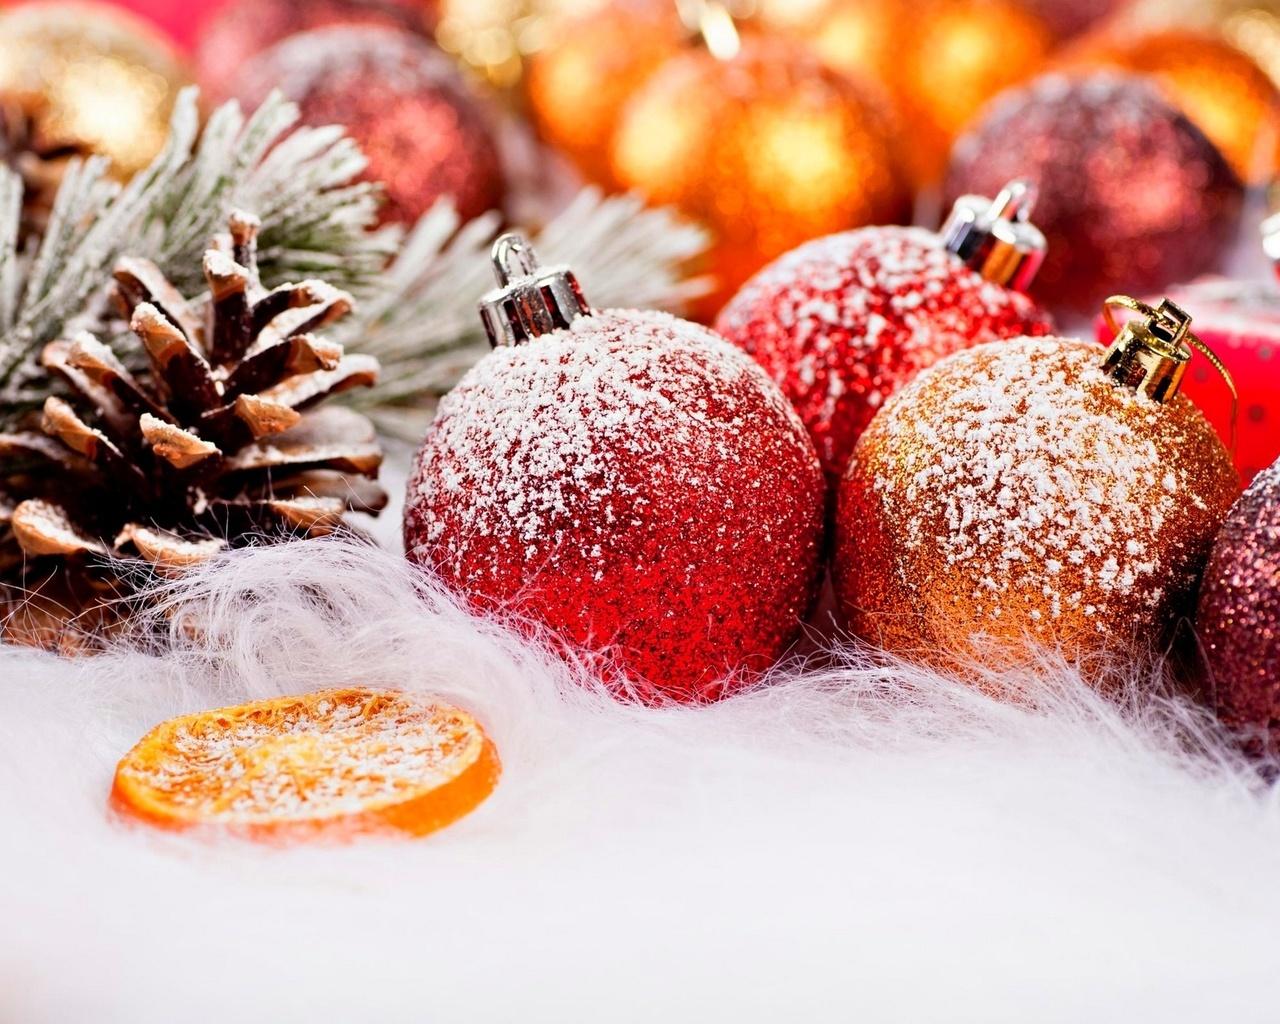 светит крайне картинки фрукты новый год понятно, ведь телевидением